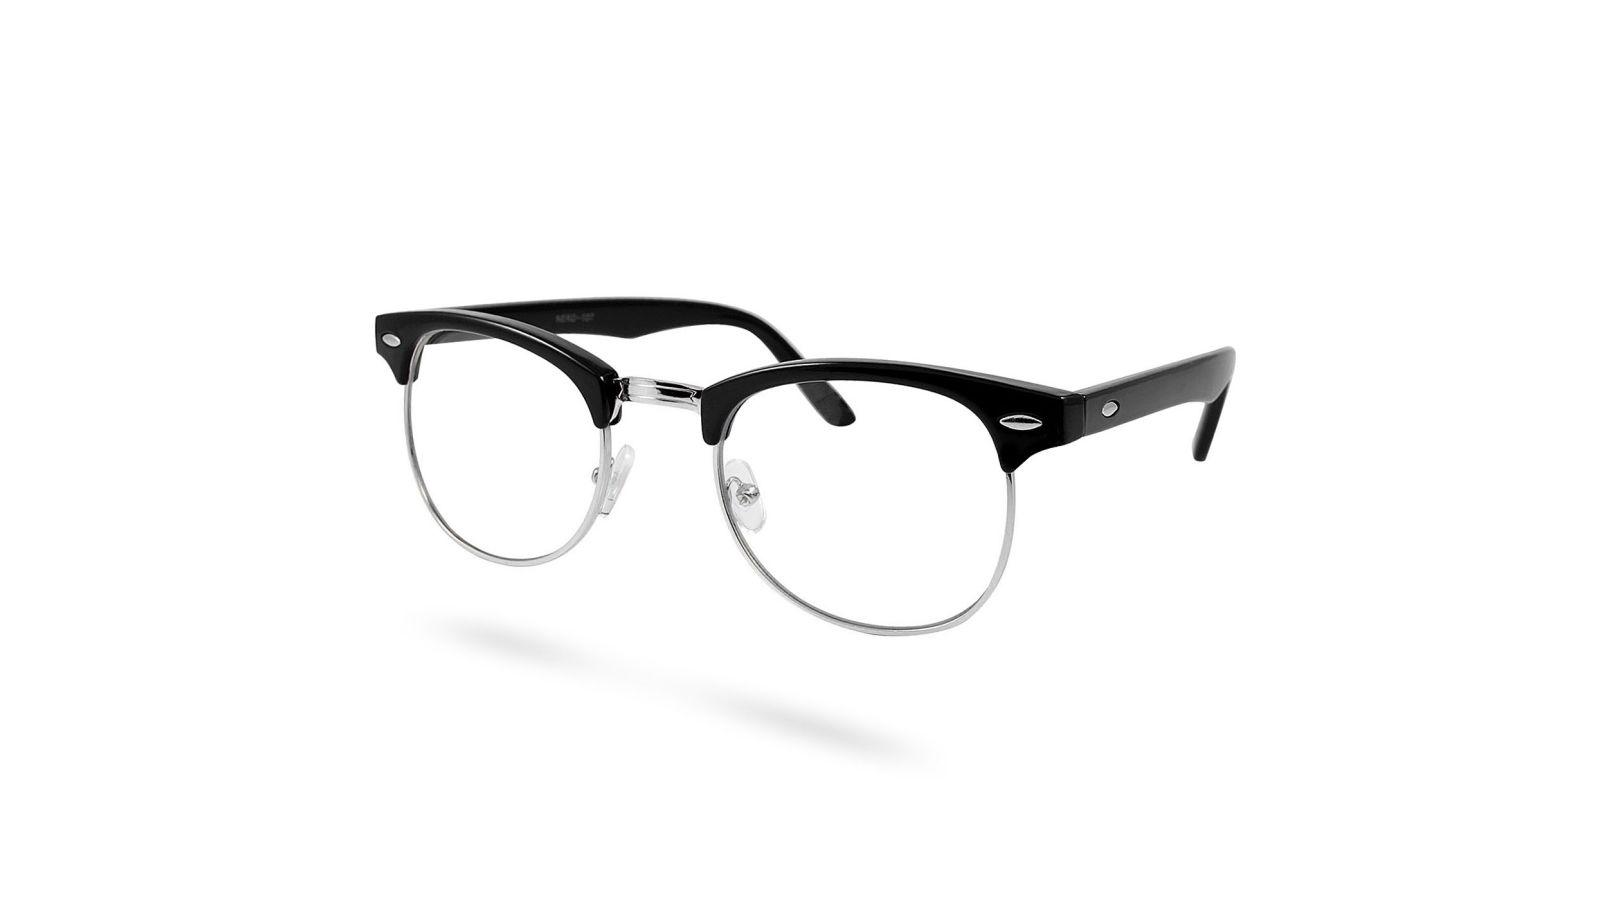 425bb2af3add Sorte Sølv Klare Vintage Briller